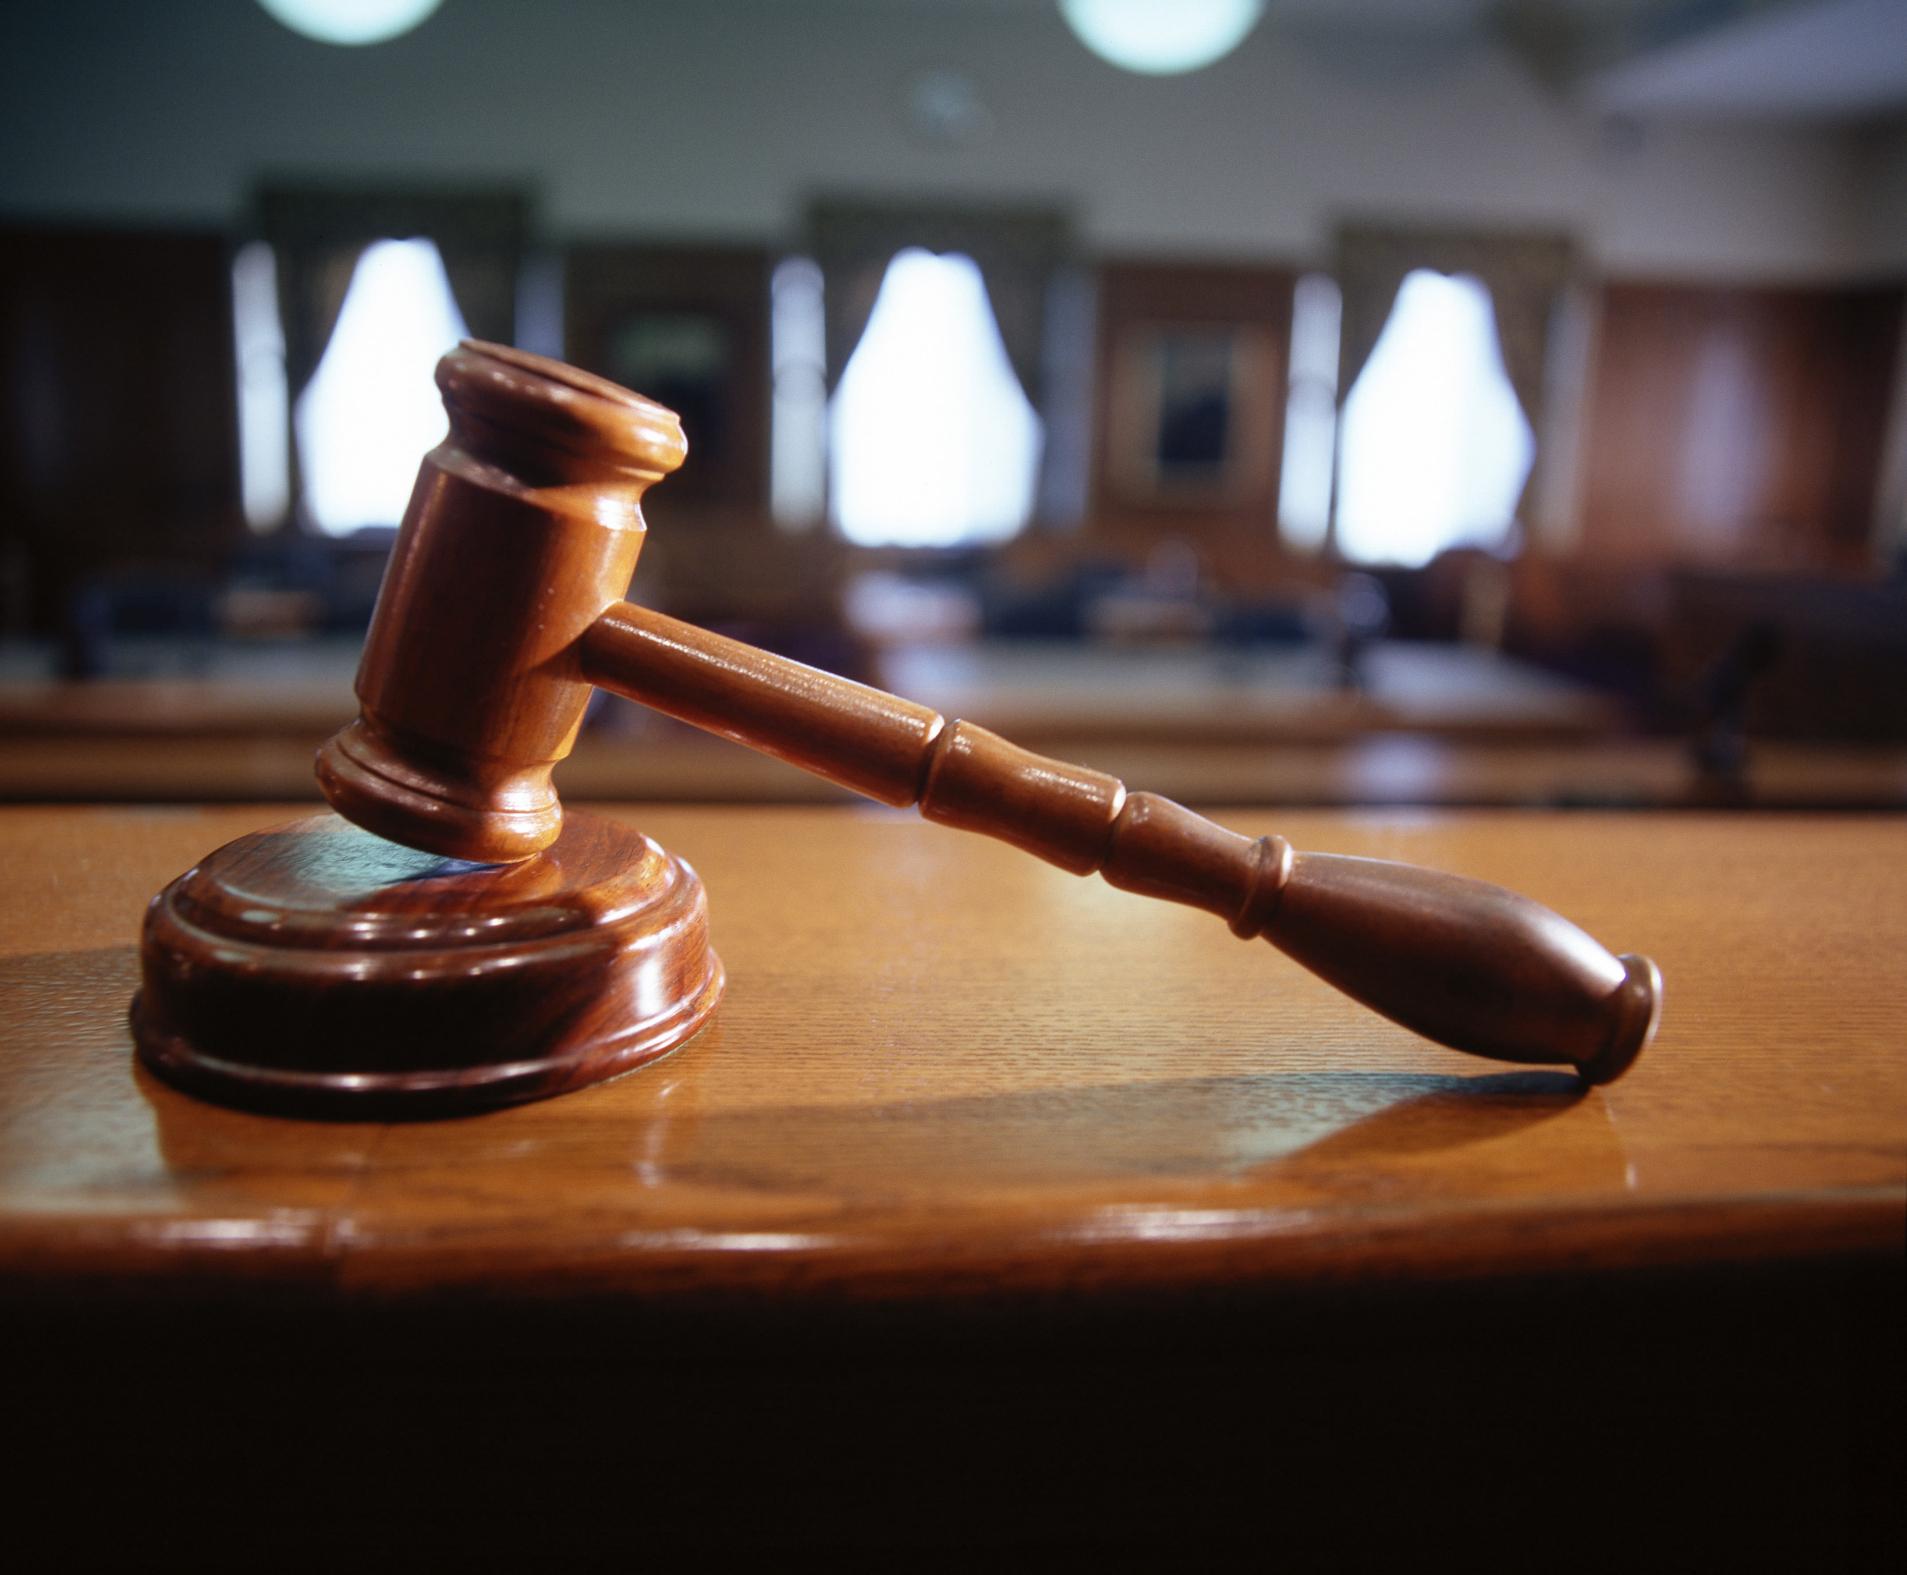 В Запорожье суд снова приступил к рассмотрению уголовного дела скандального рейдера